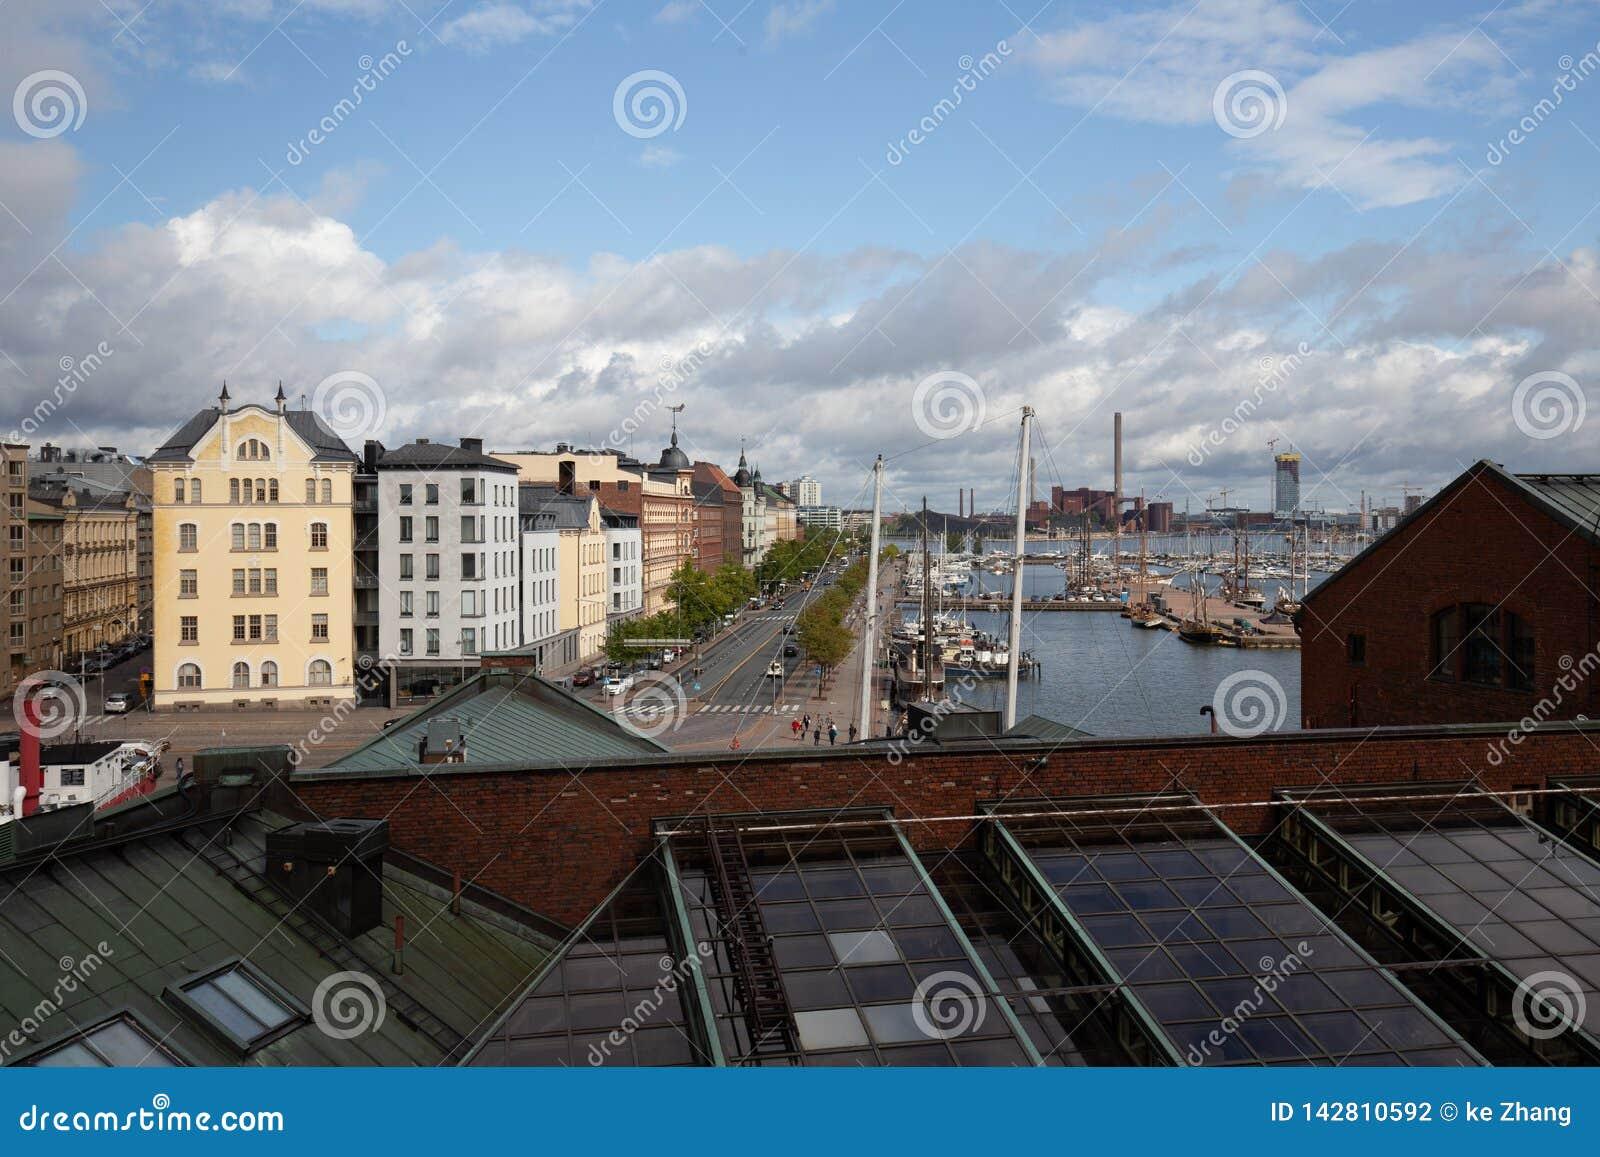 Άποψη στεγών πέρα από το Ελσίνκι που εξετάζει τα κτήρια και το νερό